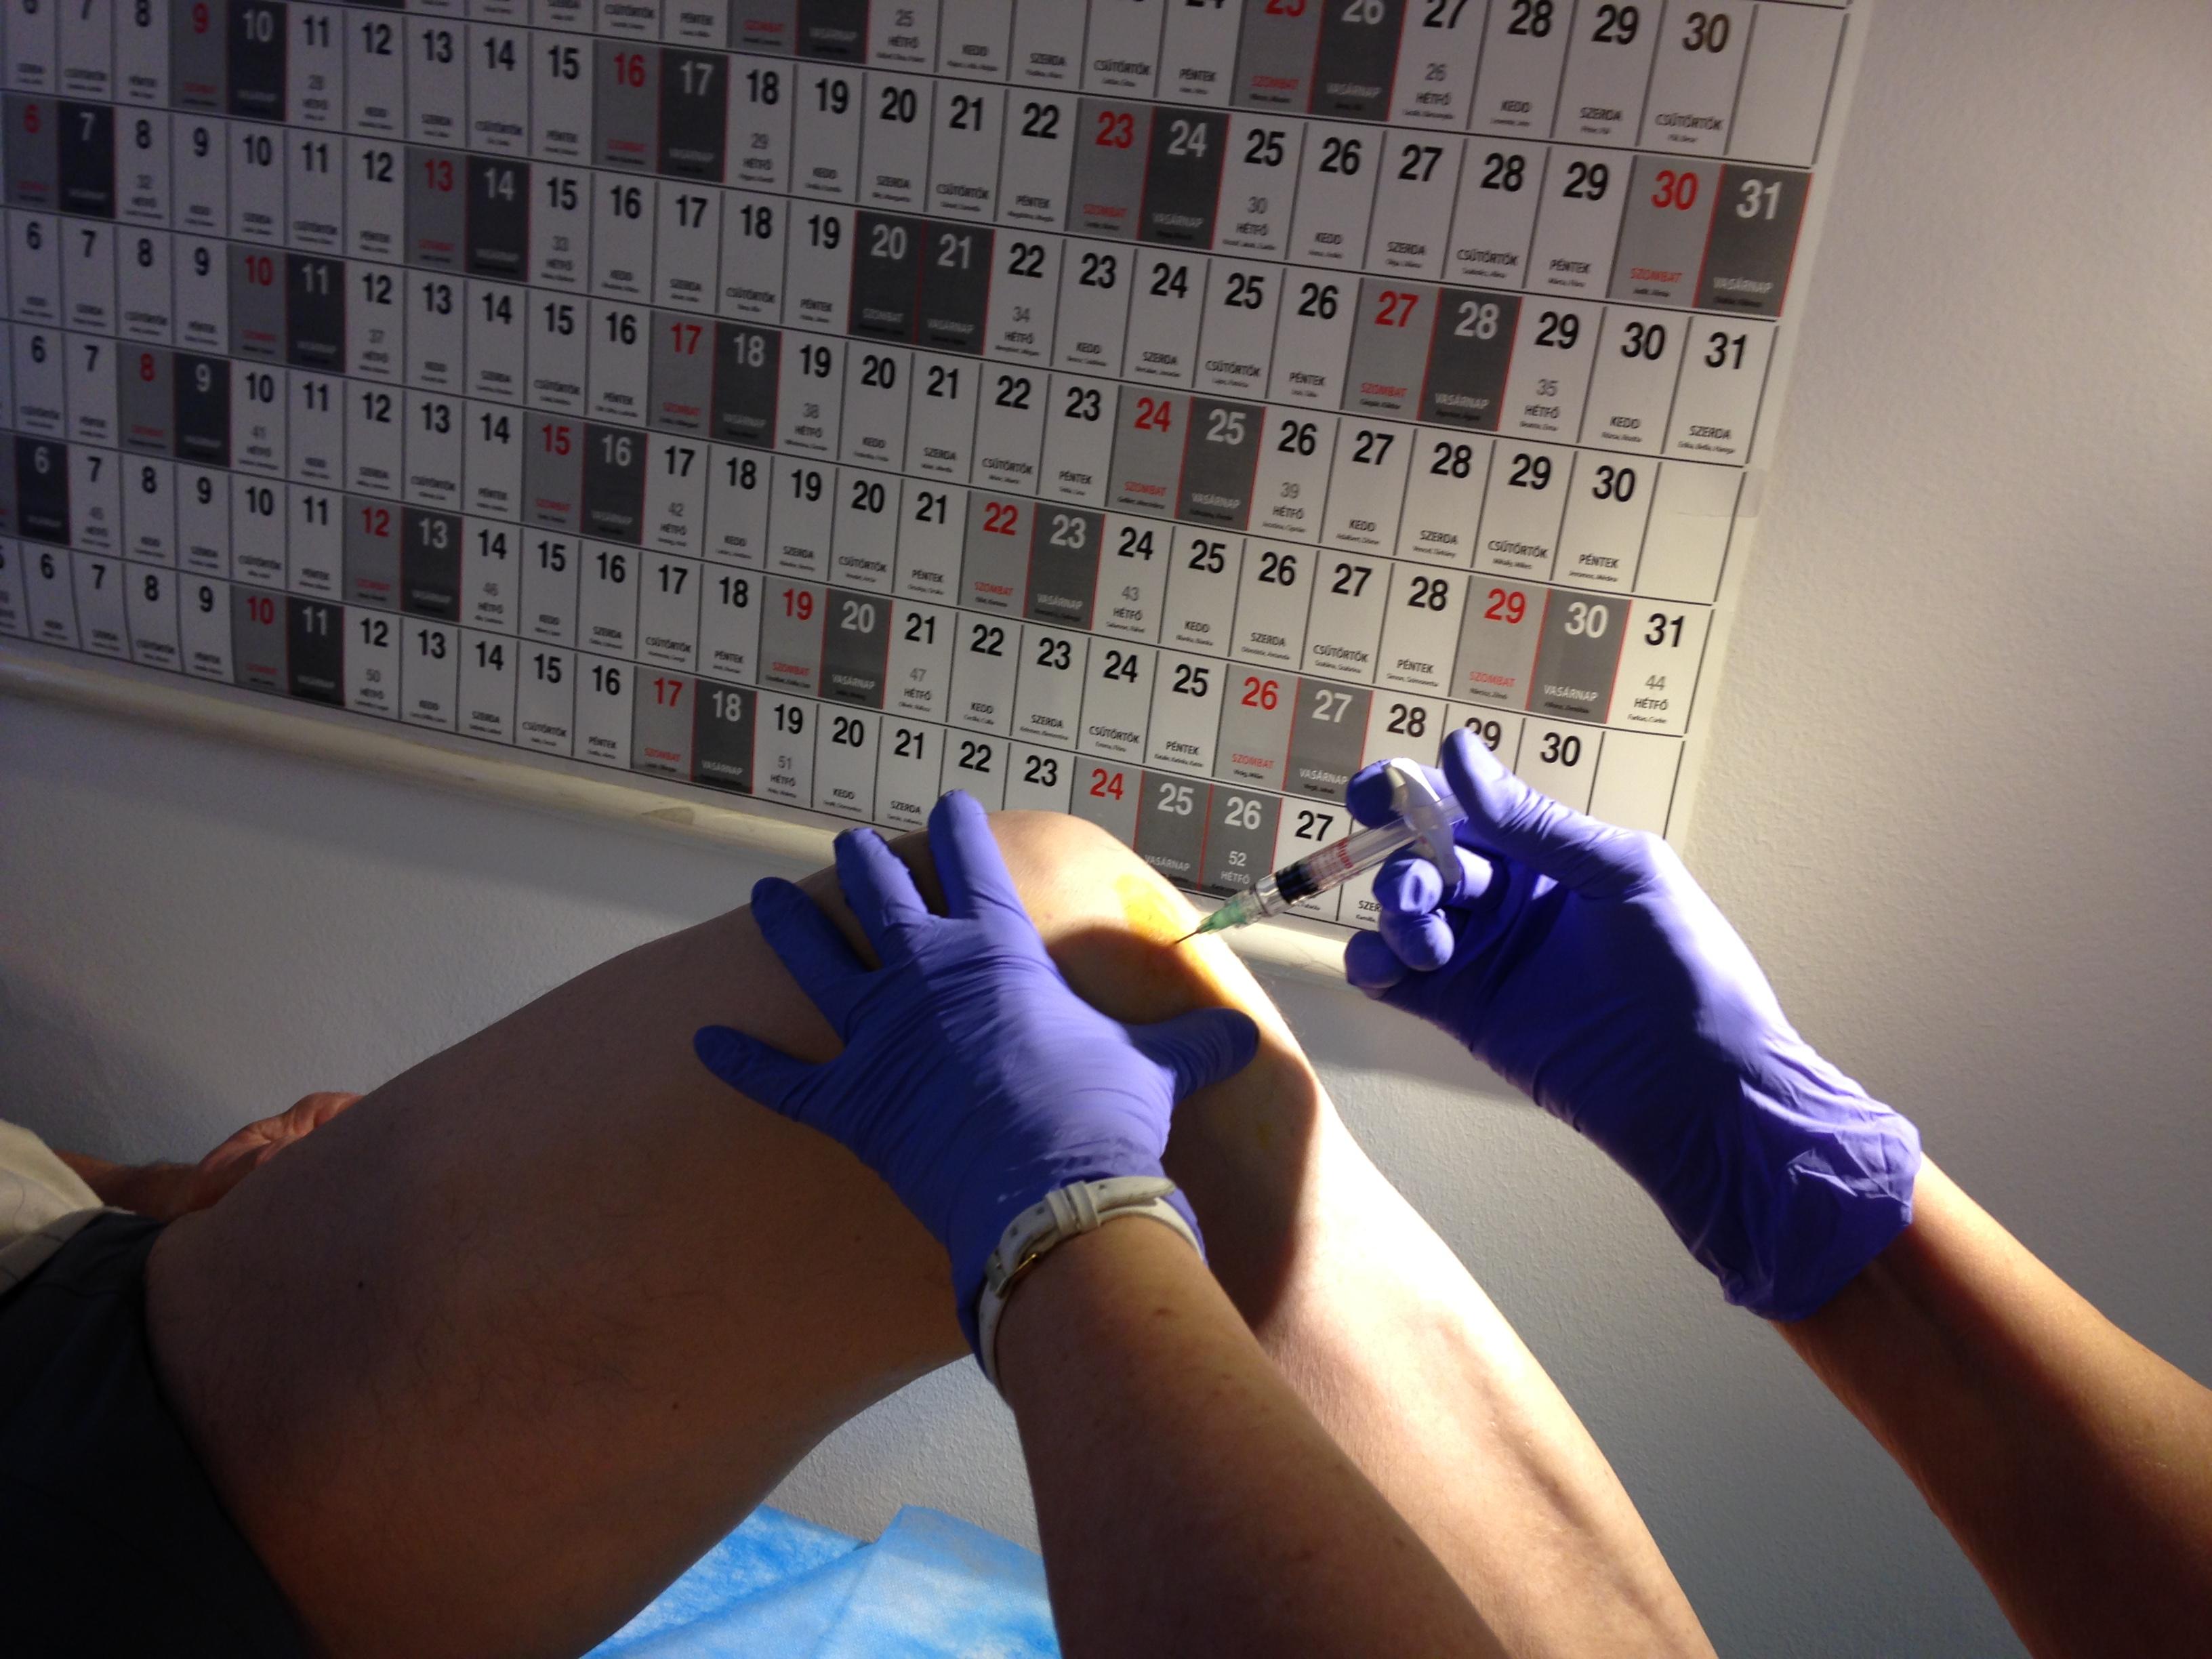 térdfájdalom az ízületbe adott injekció után)